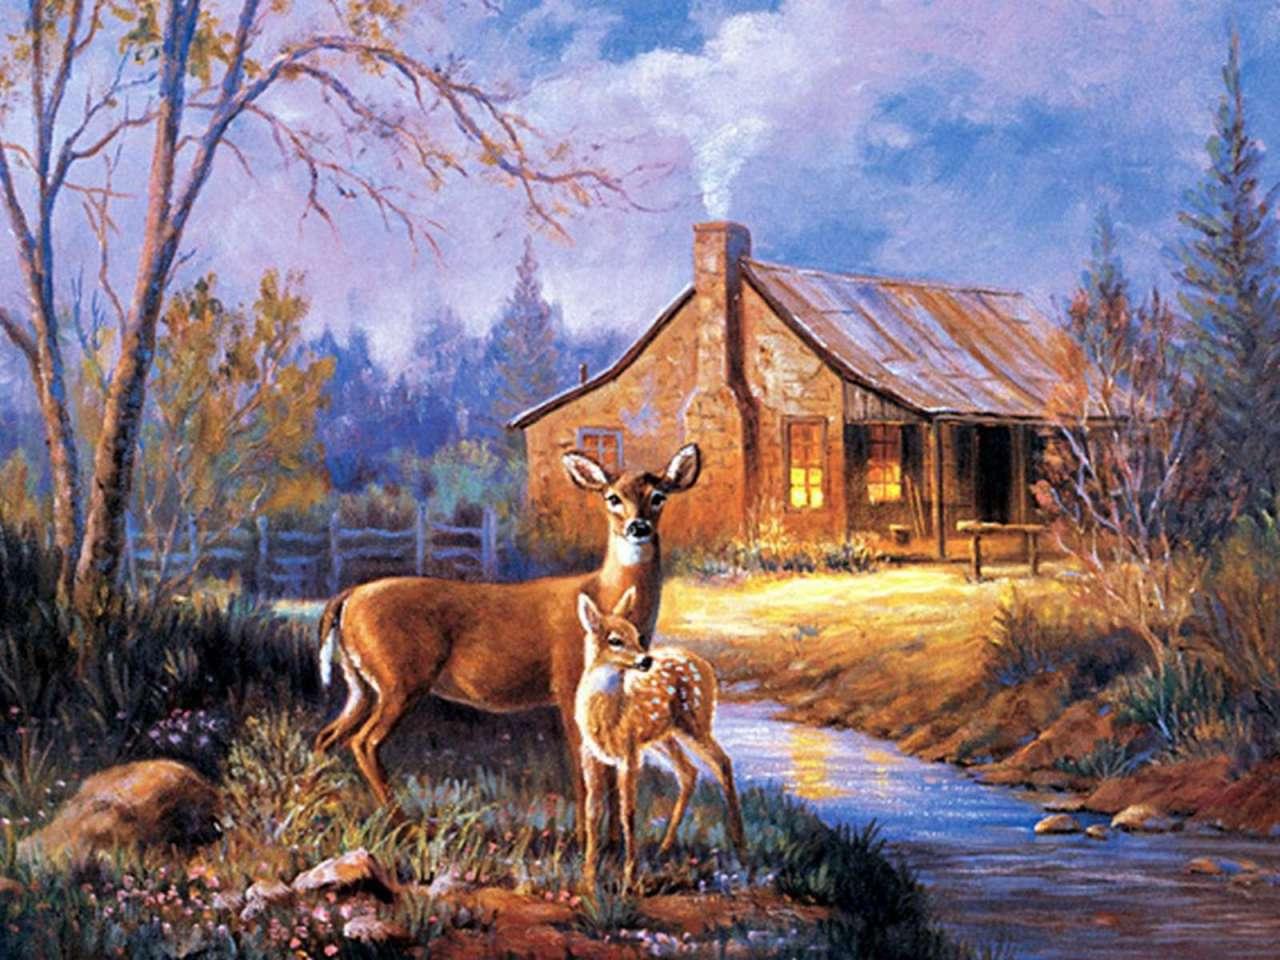 Brian deer wallpapersdeer wallpaperwhitetail deer wallpaperdeer brian deer wallpapersdeer wallpaperwhitetail deer wallpaperdeer hunting g huntpost voltagebd Images